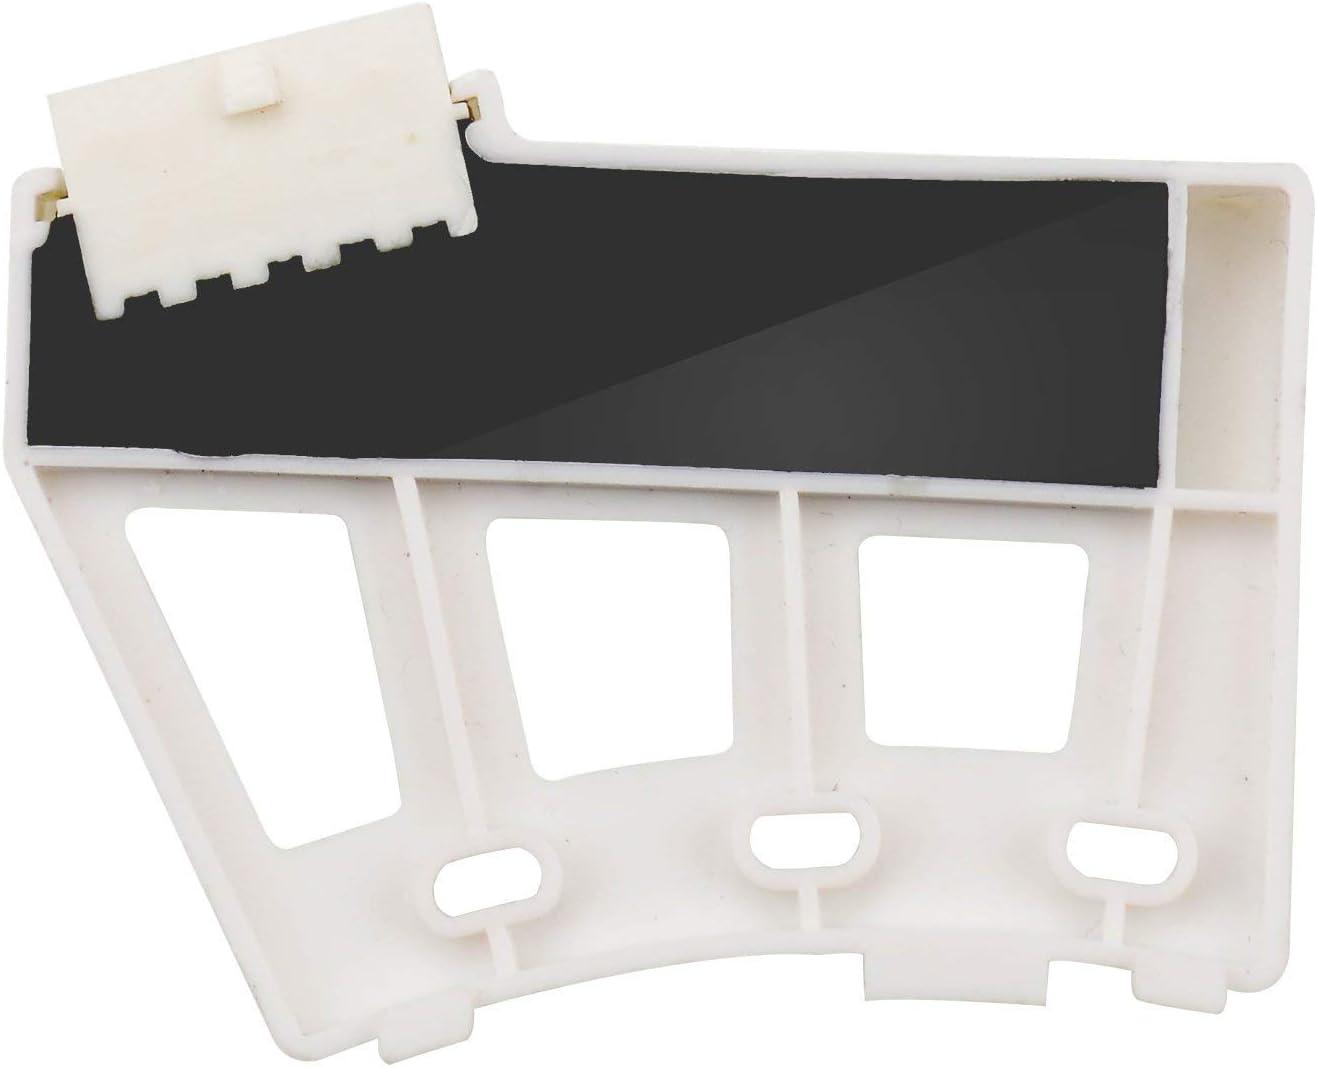 6501KW2001A & 6501KW2002A - Sensor de posición para lavadora LG ...